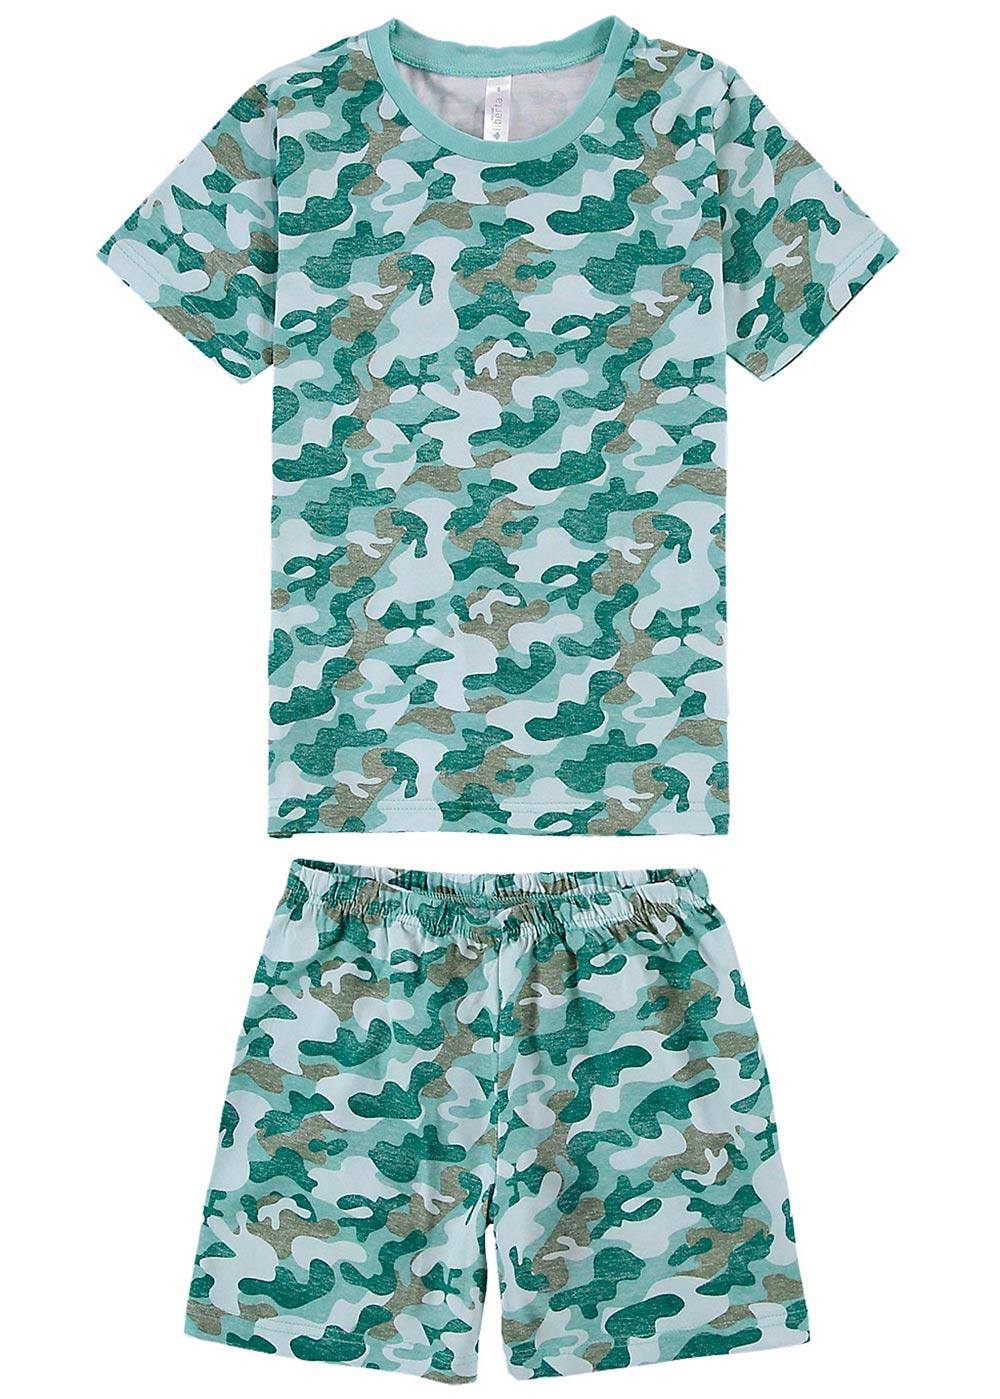 Pijama Infantil Masculino Verão Verde Camuflado - Malwee